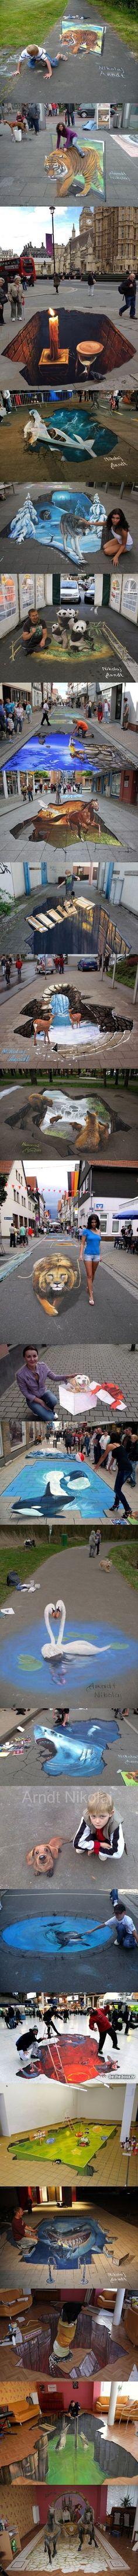 Awesome Street Art - gefunden und gepinnt vom Immobilienmakler in Hannover: arthax-immobilien.de